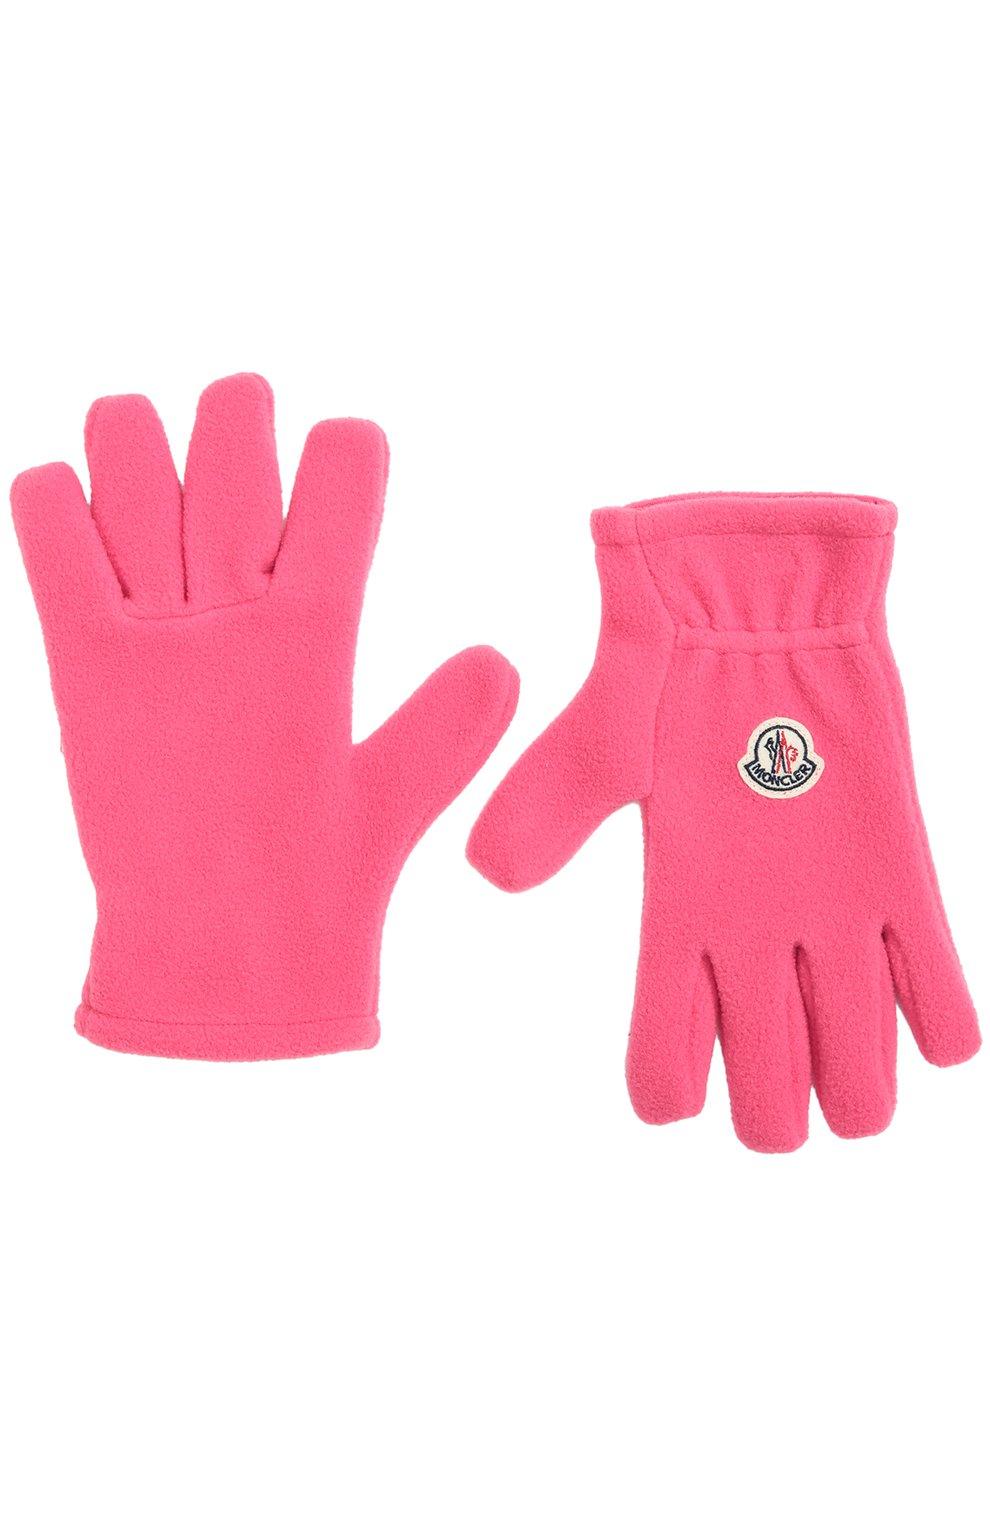 Детские флисовые перчатки с логотипом бренда MONCLER ENFANT фуксия цвета, арт. B2-954-00567-05-80380 | Фото 2